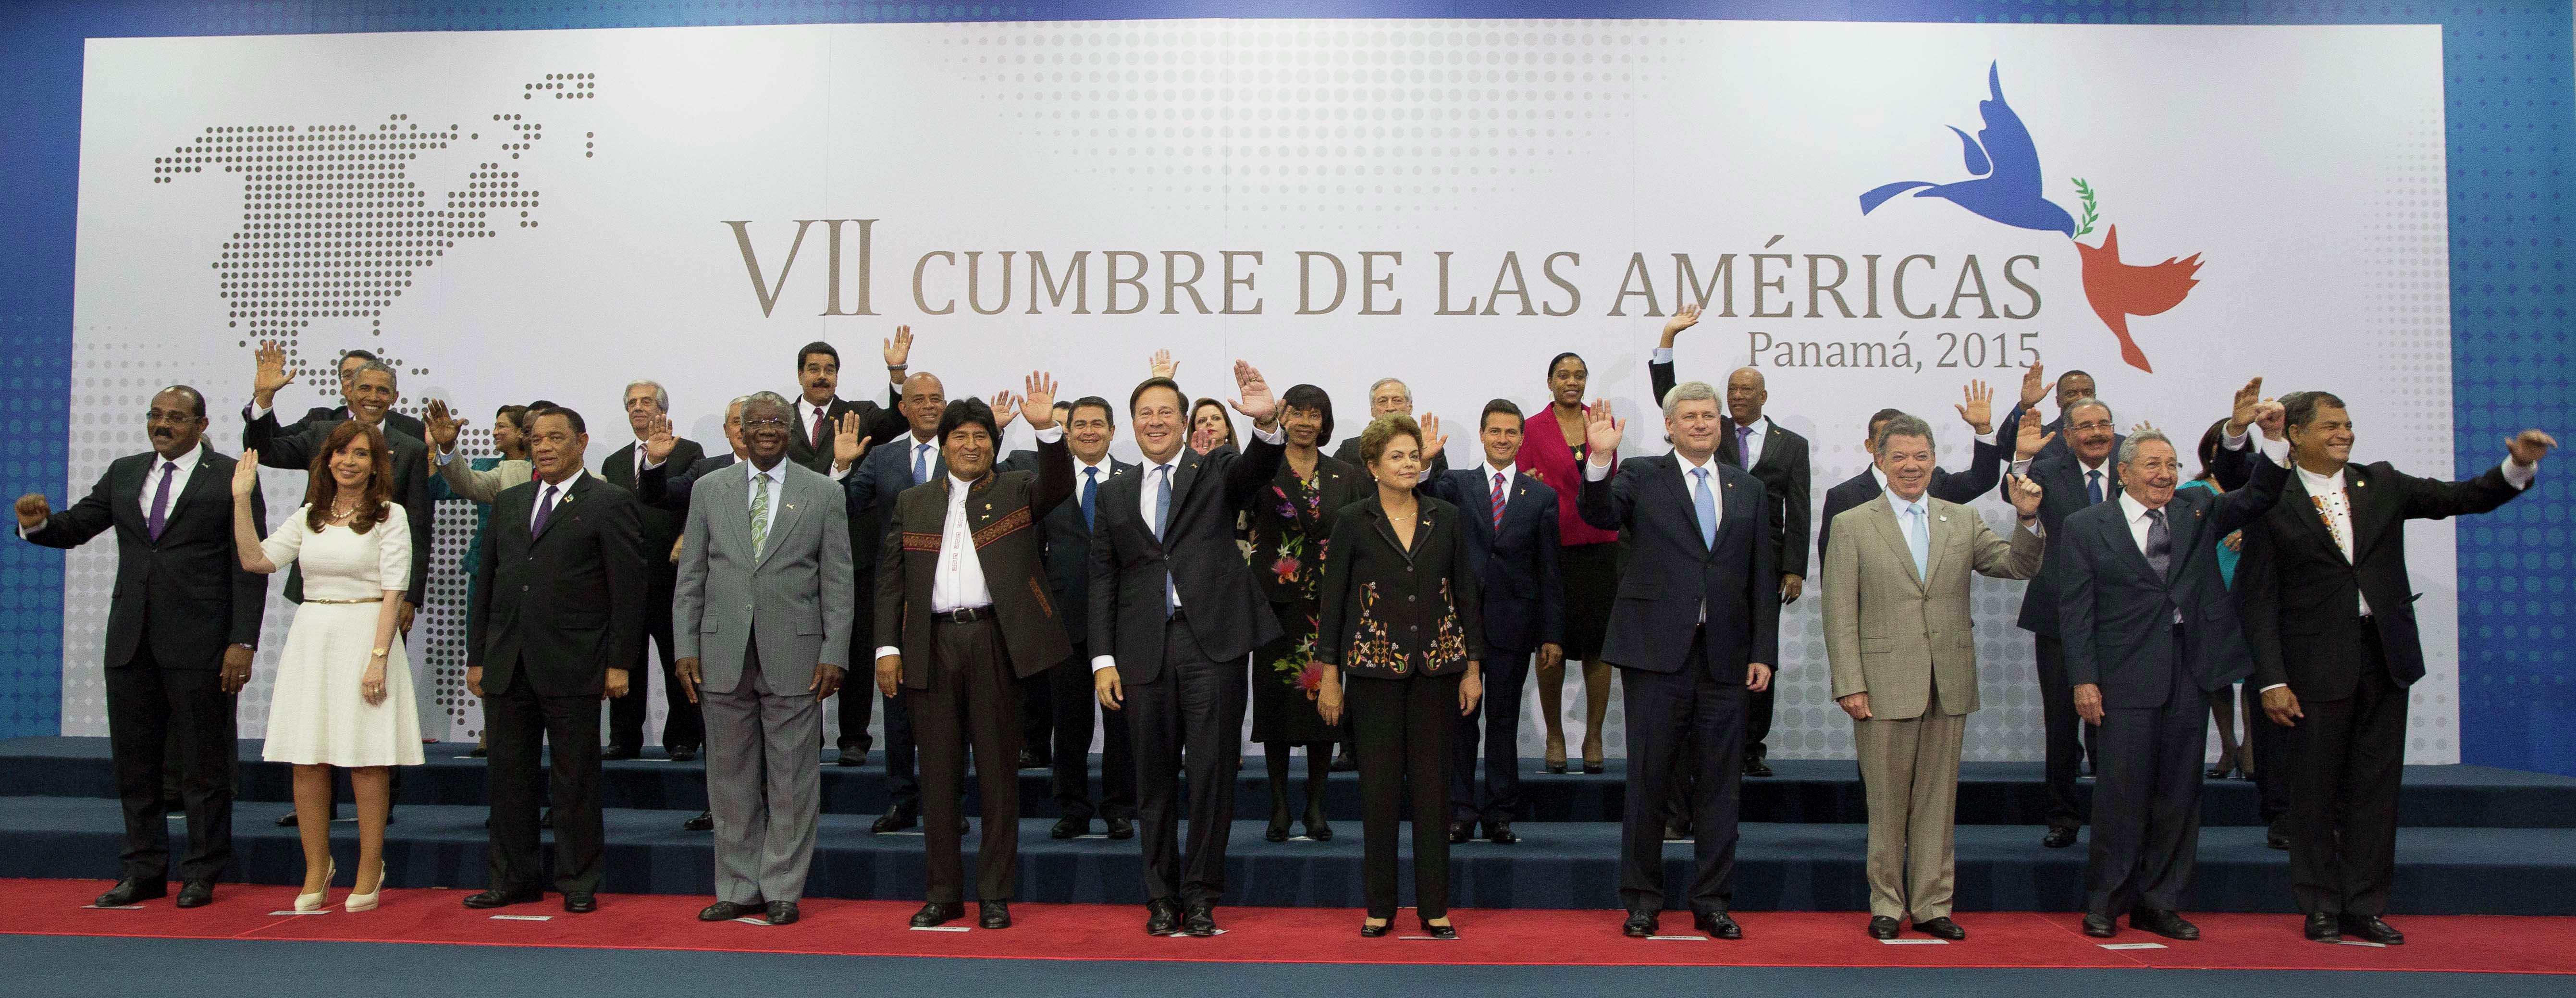 FOTOGRAFÍA OFICIAL. VII CUMBRE DE LAS AMÉRICAS